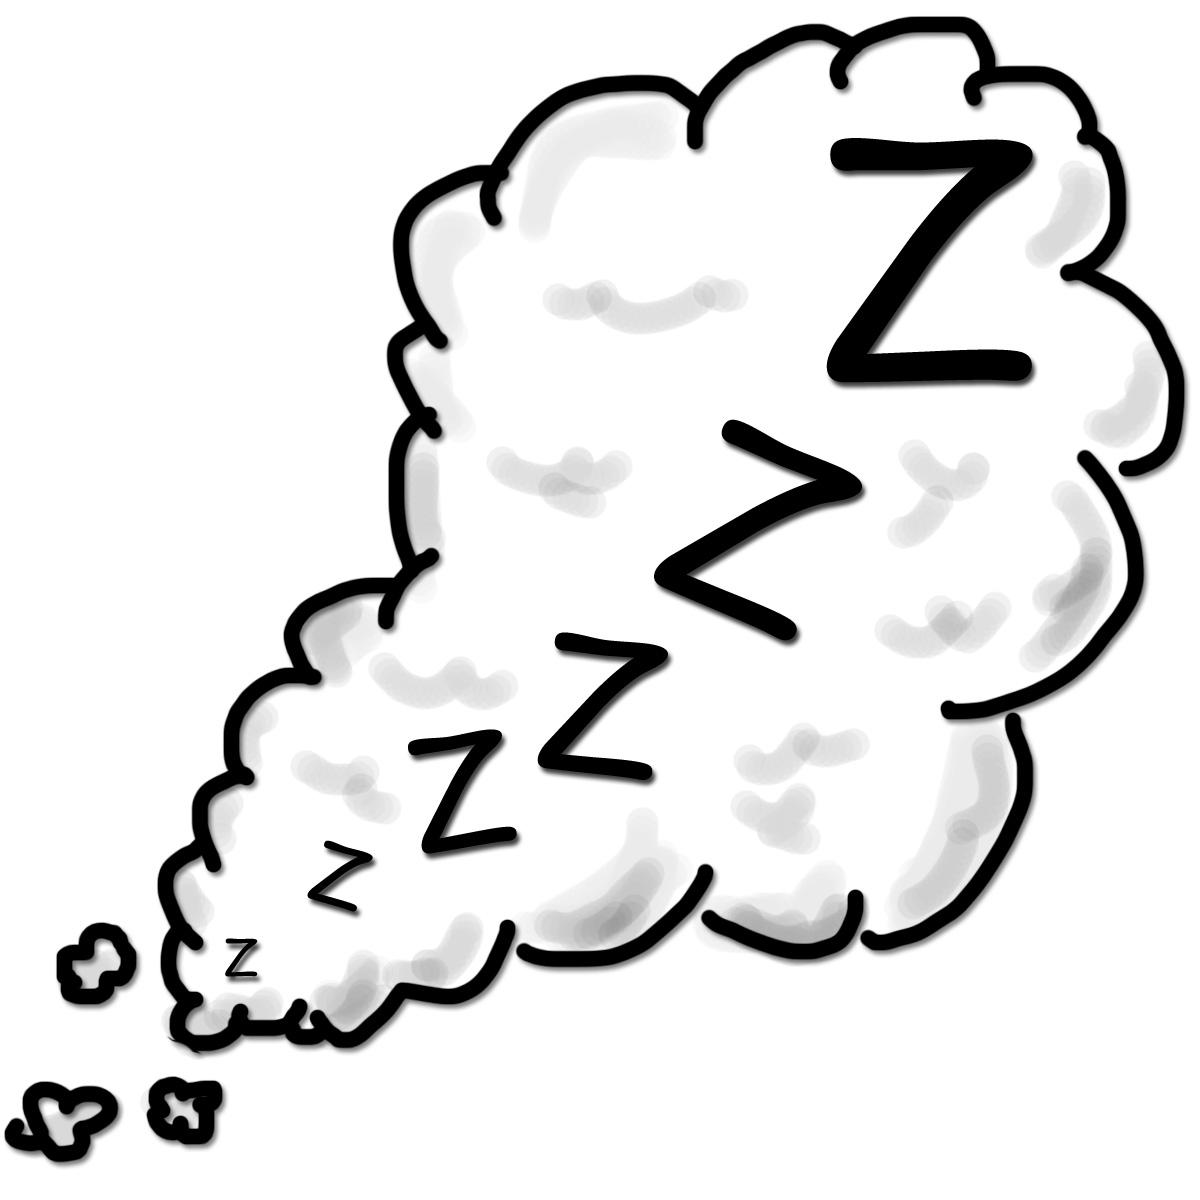 Dreaming clipart zzzz By Day yourmomma on bieberfriend